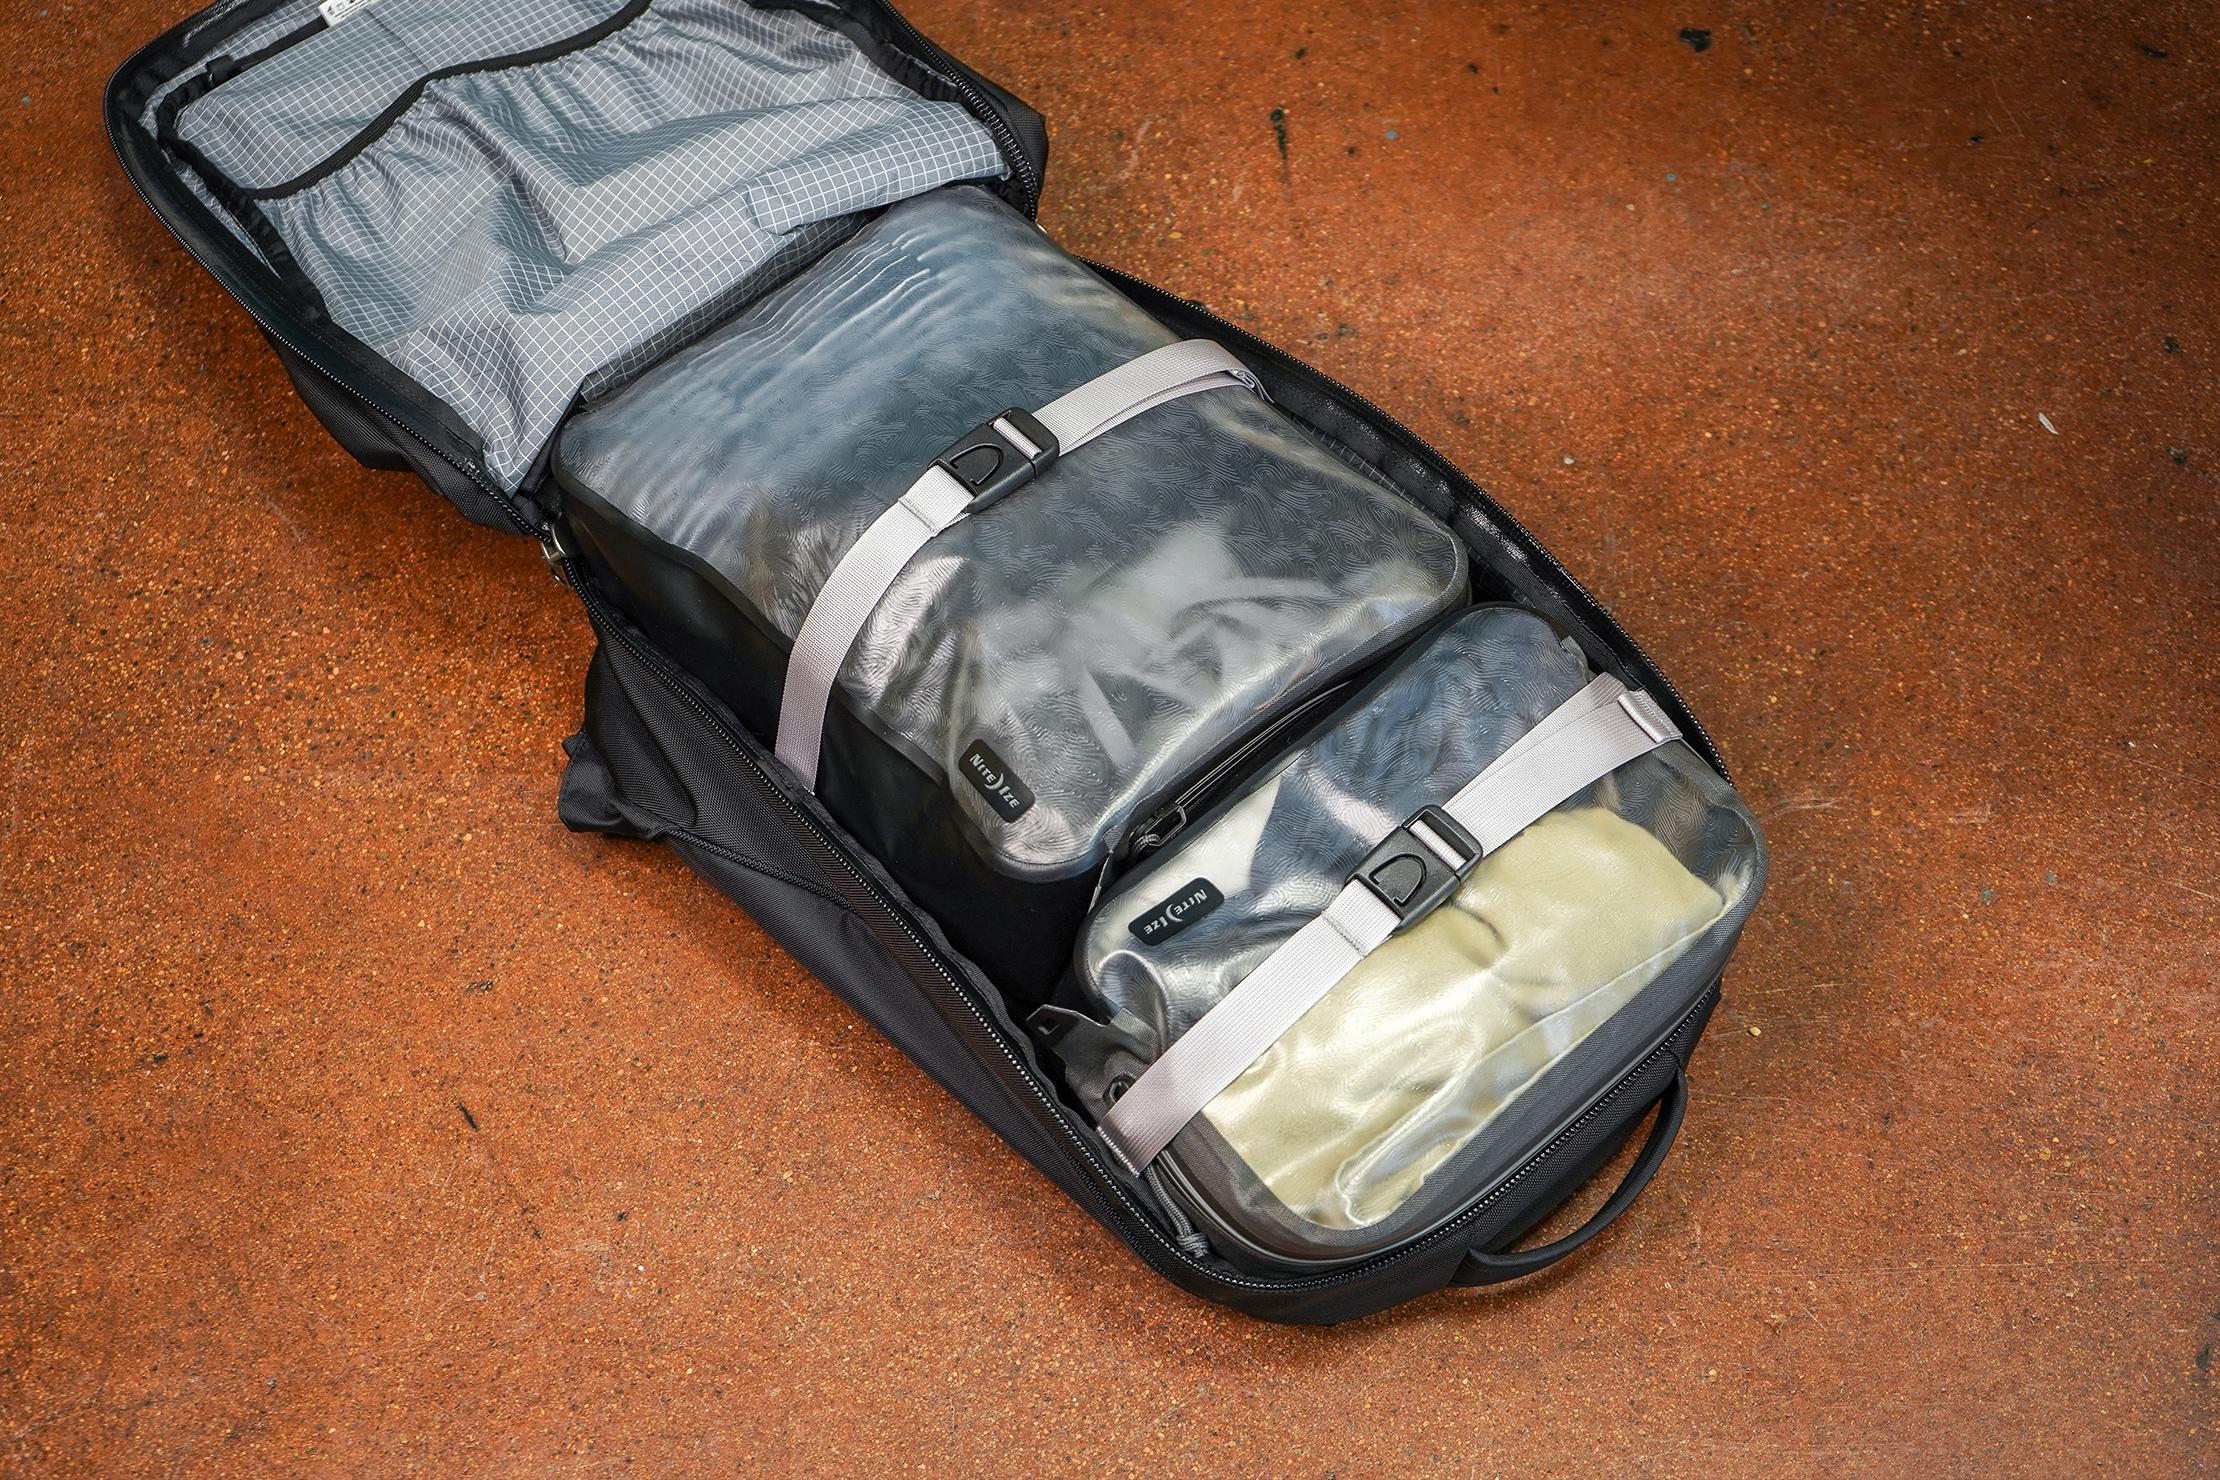 Nite Ize RunOff Waterproof Packing Cubes In Bag